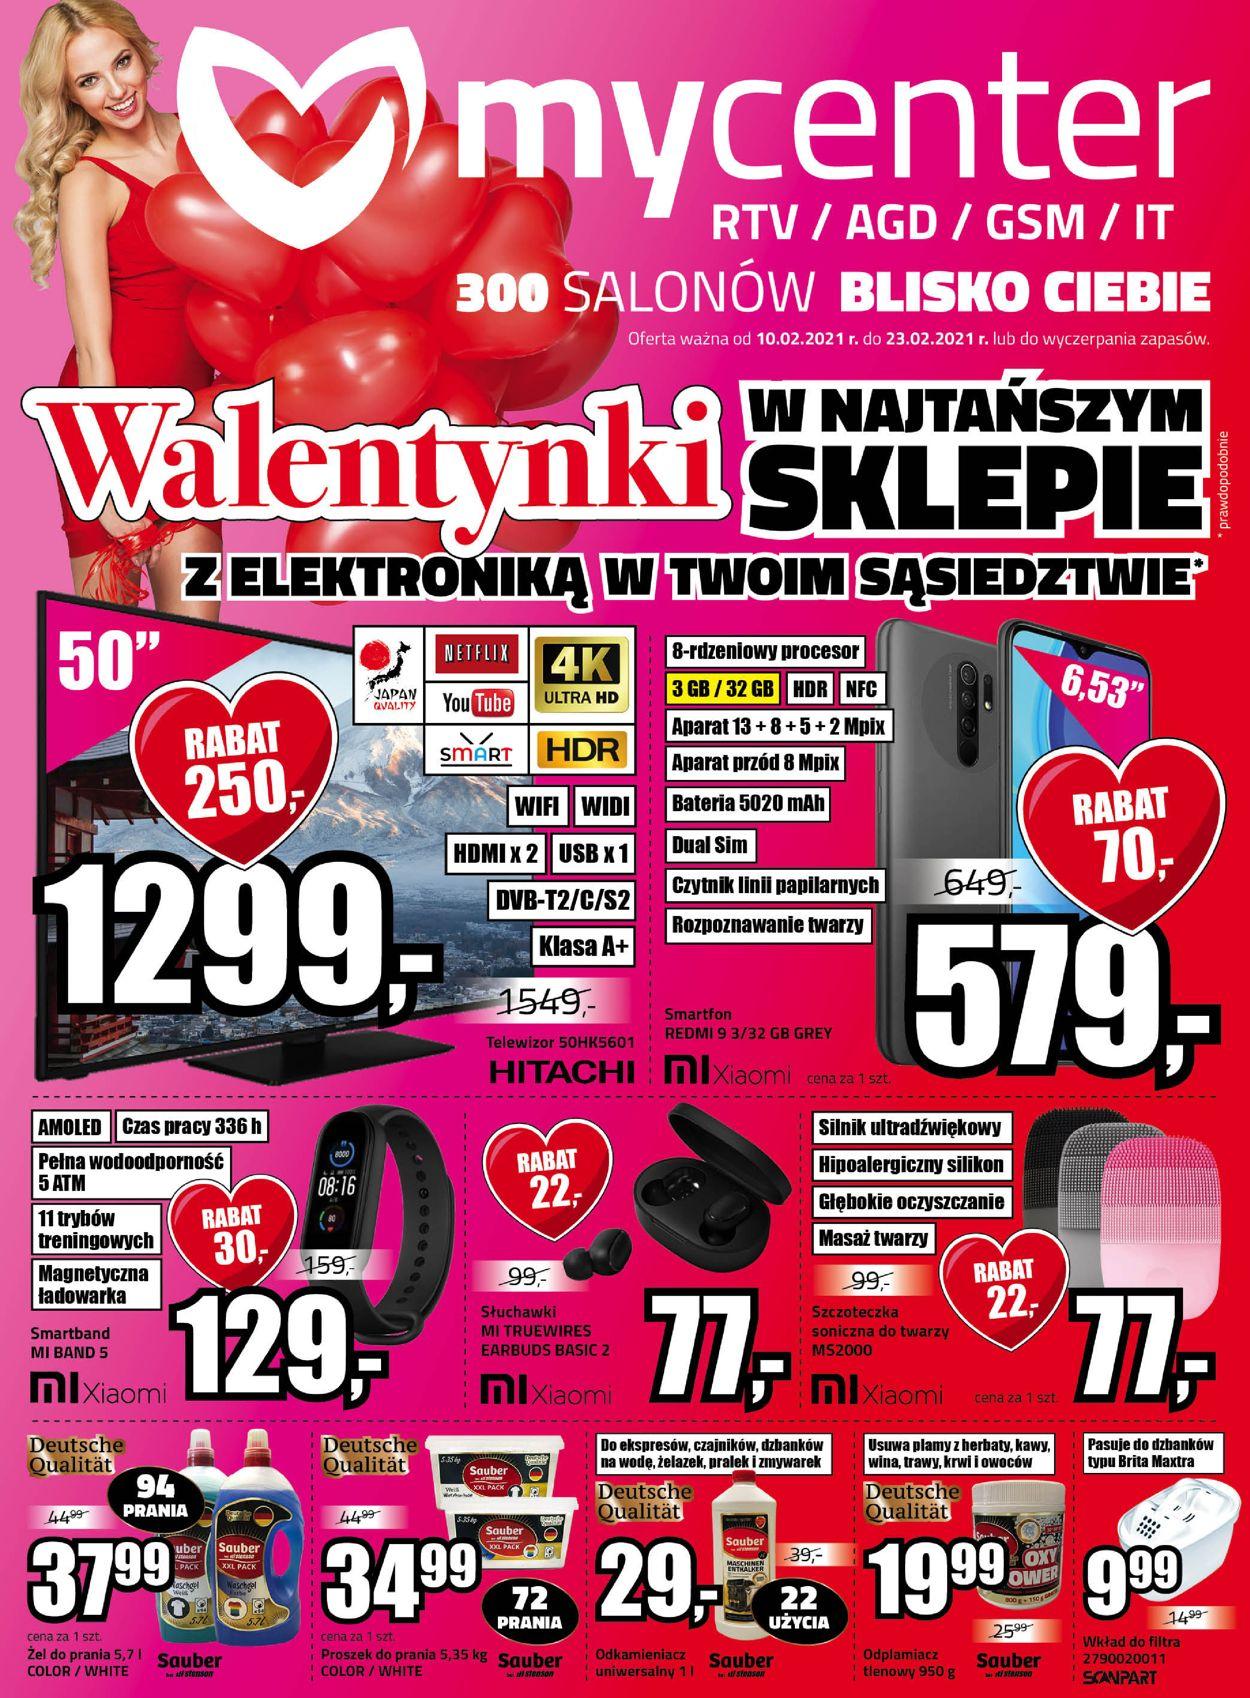 Gazetka promocyjna MyCenter Walentynki 2021 - 10.02-23.02.2021